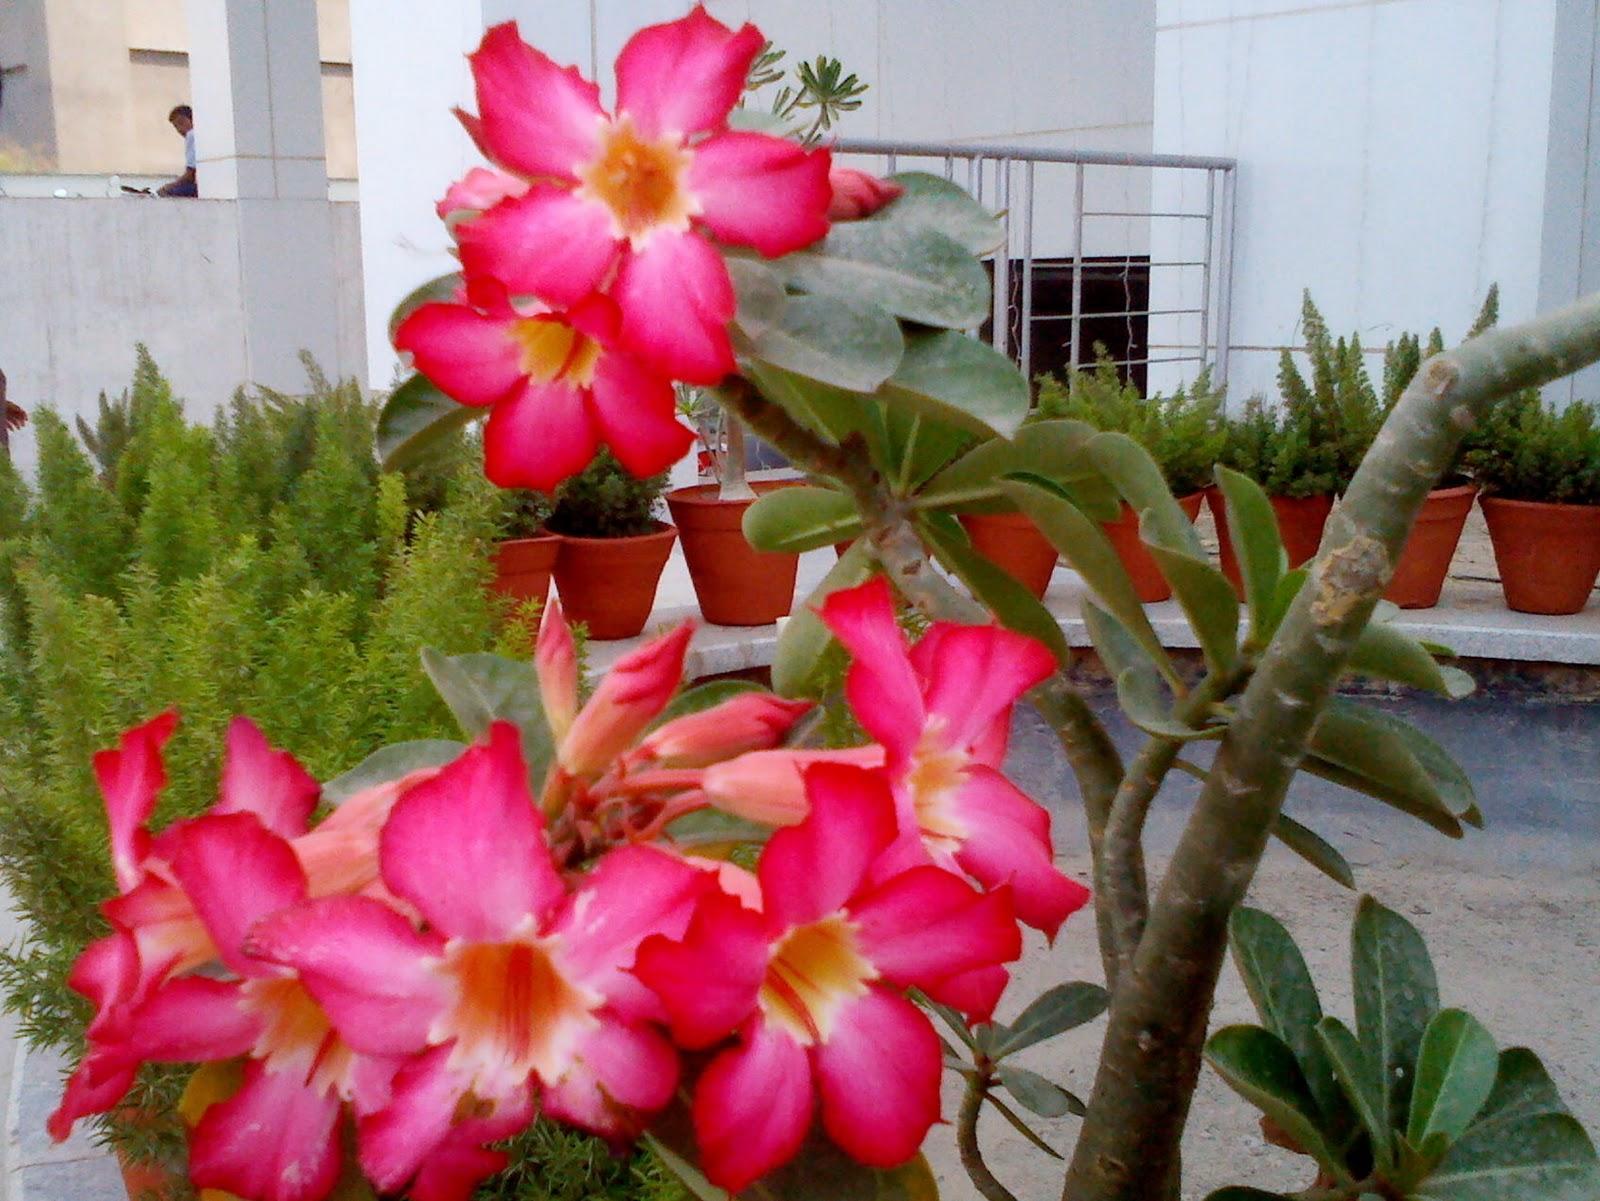 http://4.bp.blogspot.com/-A5HTMifi8ho/Tqj71BXOK7I/AAAAAAAABWU/jPGvNQmBvDg/s1600/Close+shot1.jpg